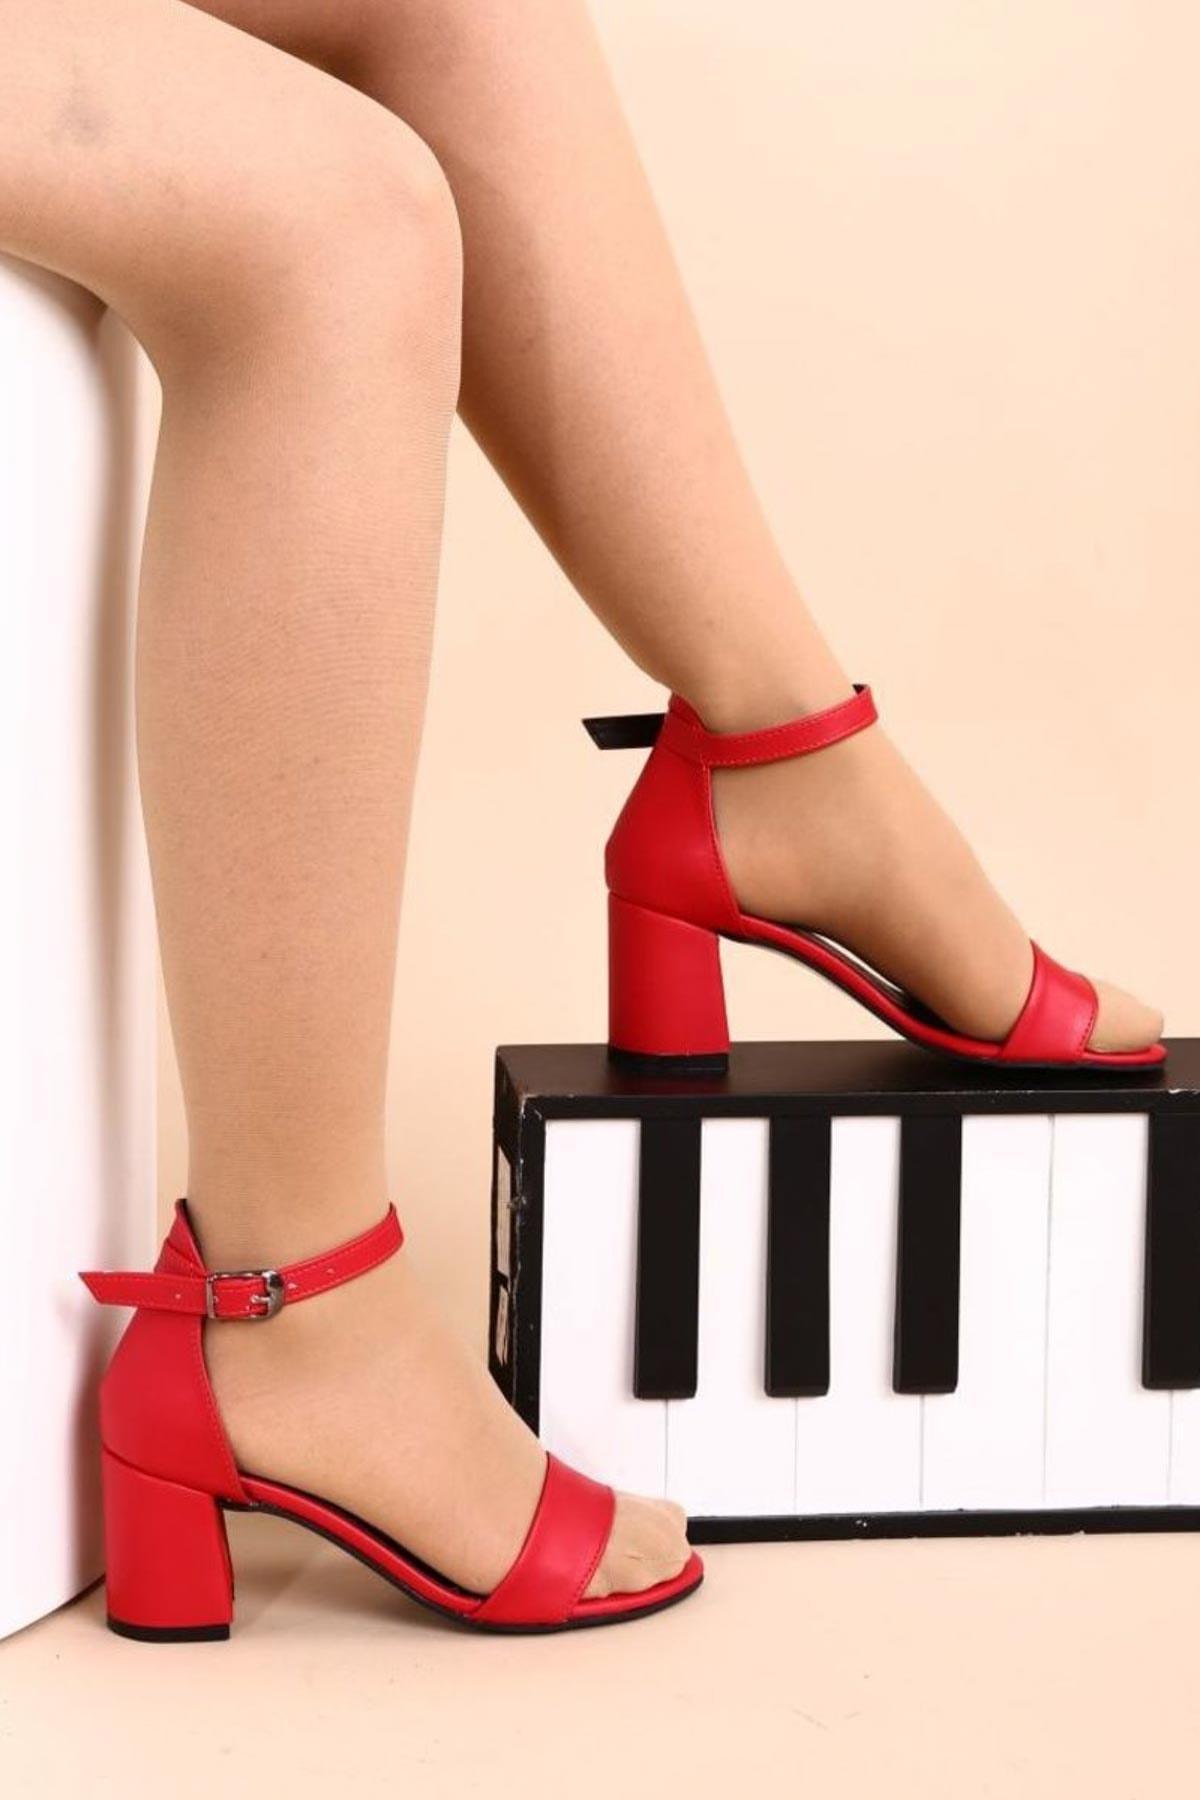 Hepfit Kırmızı Kadın Topuklu Ayakkabı 2013-05-1604 1